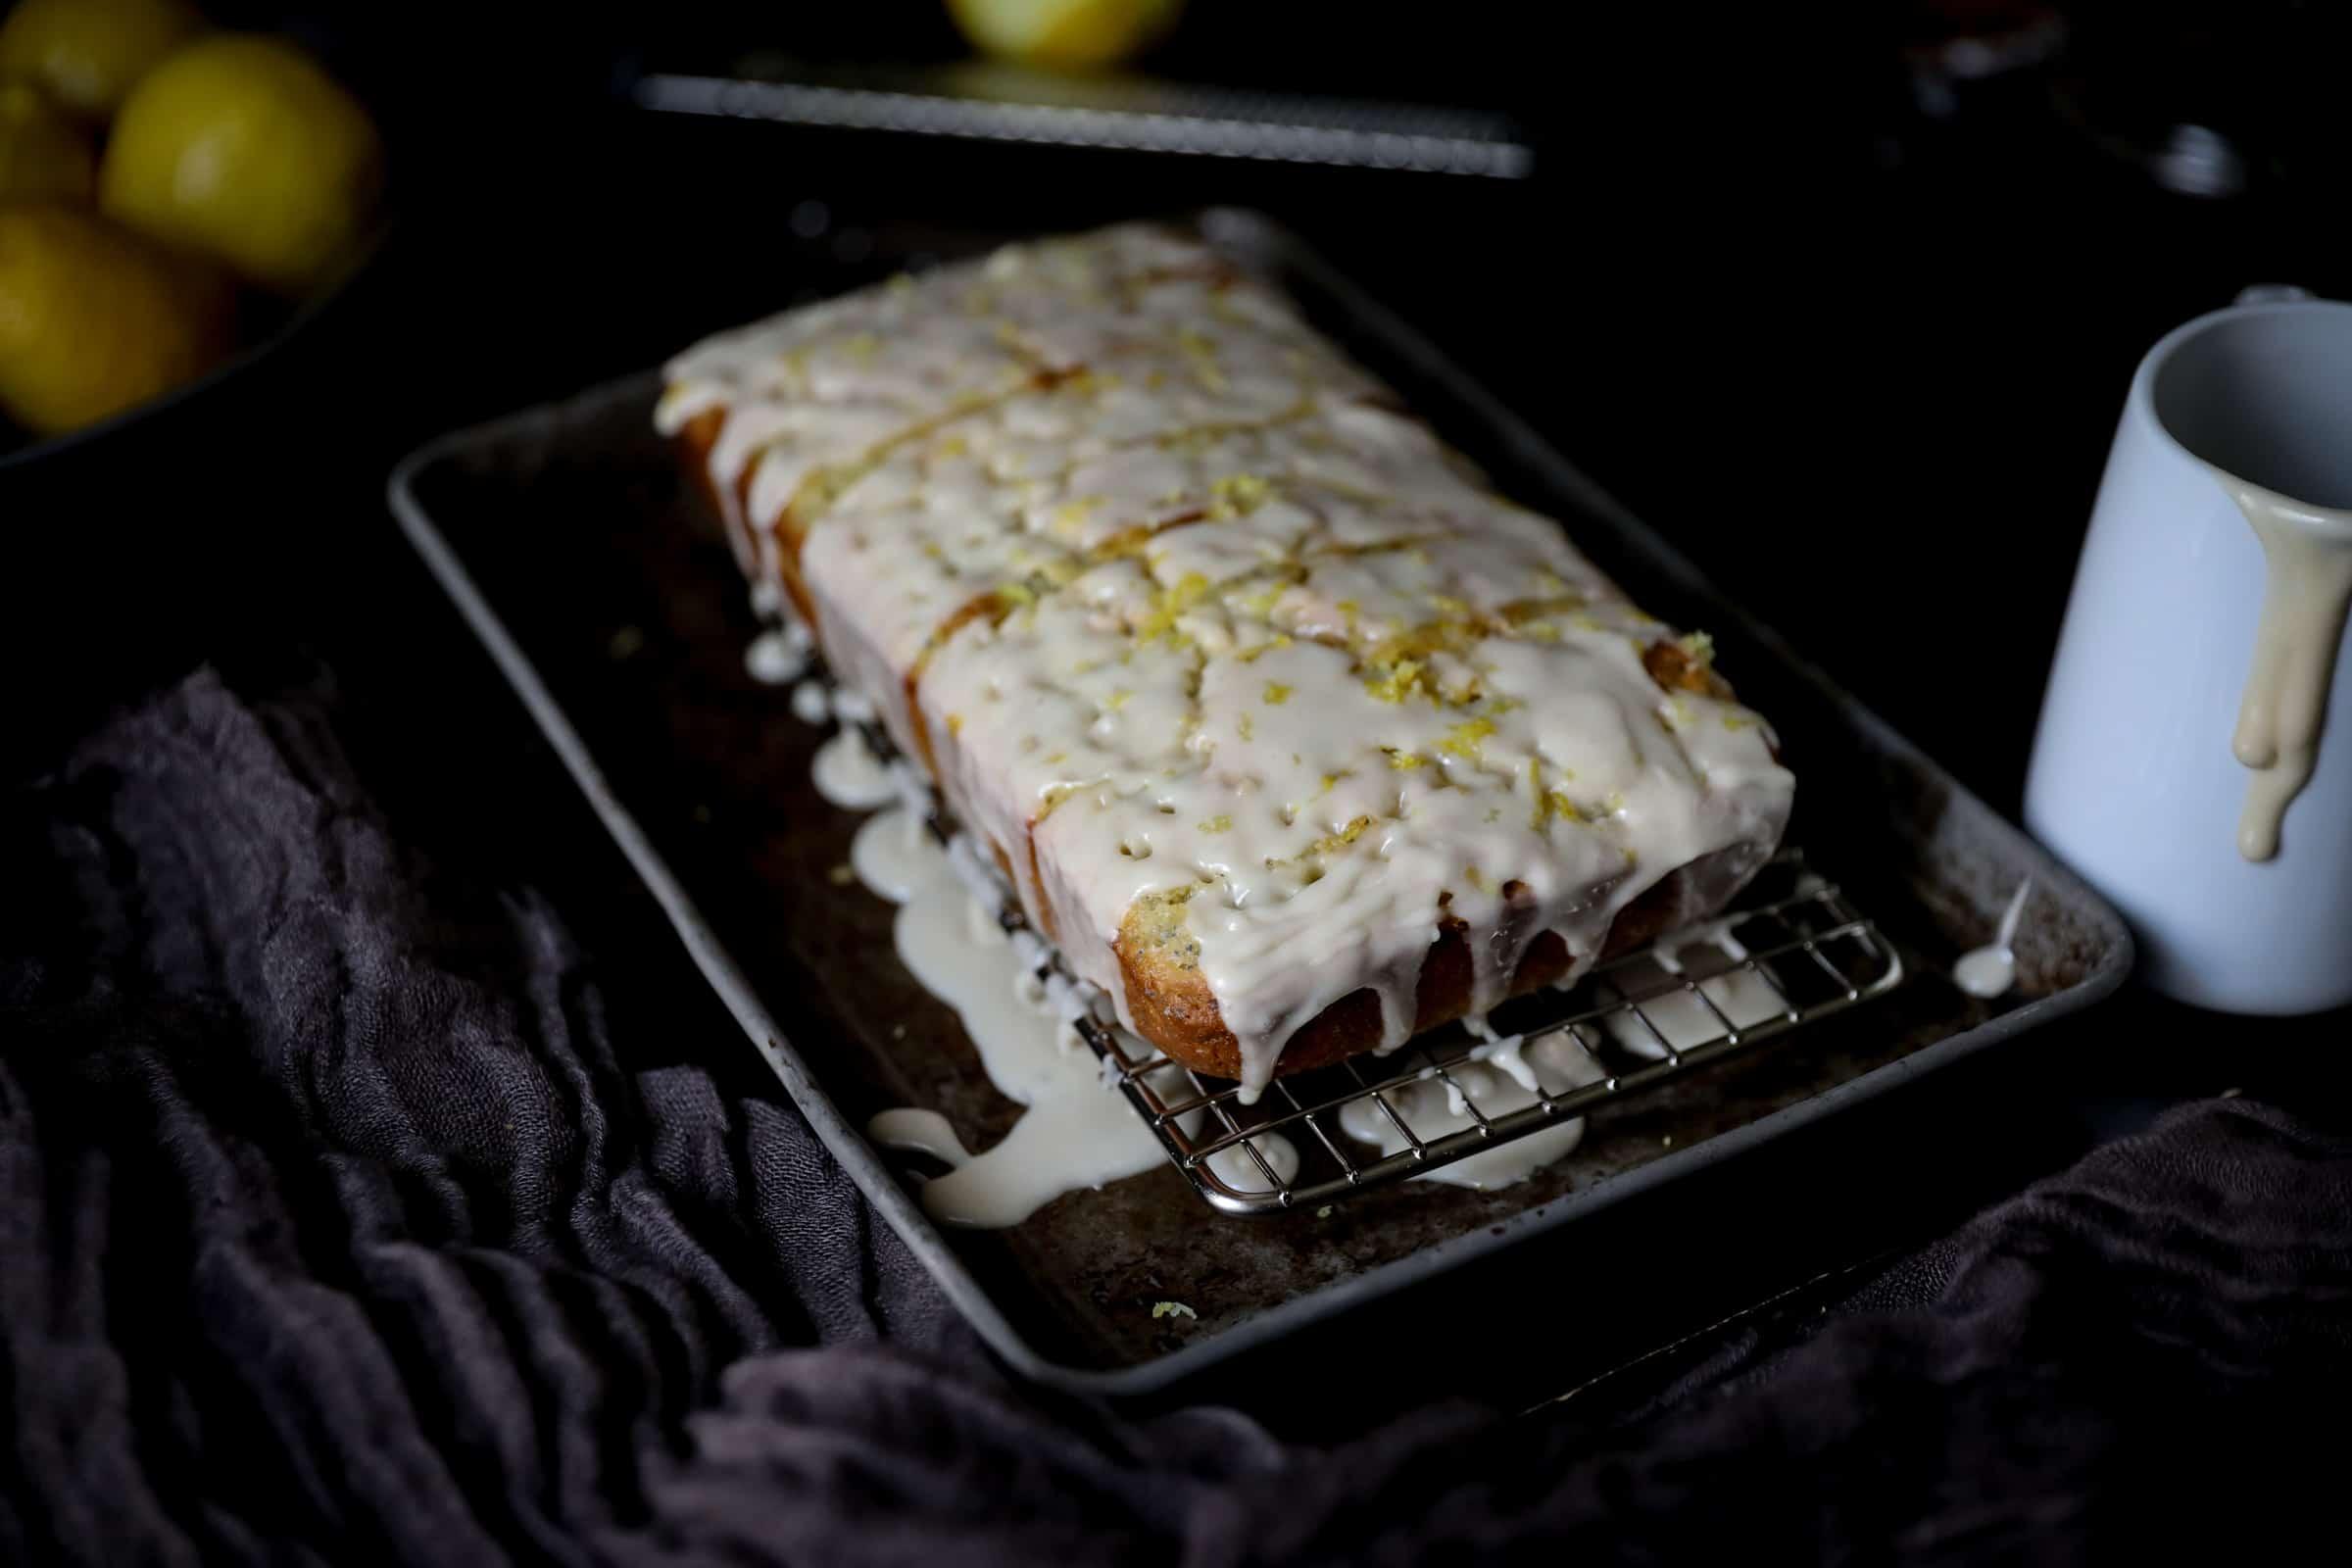 Glazed lemon poppy seed loaf on cooling rack